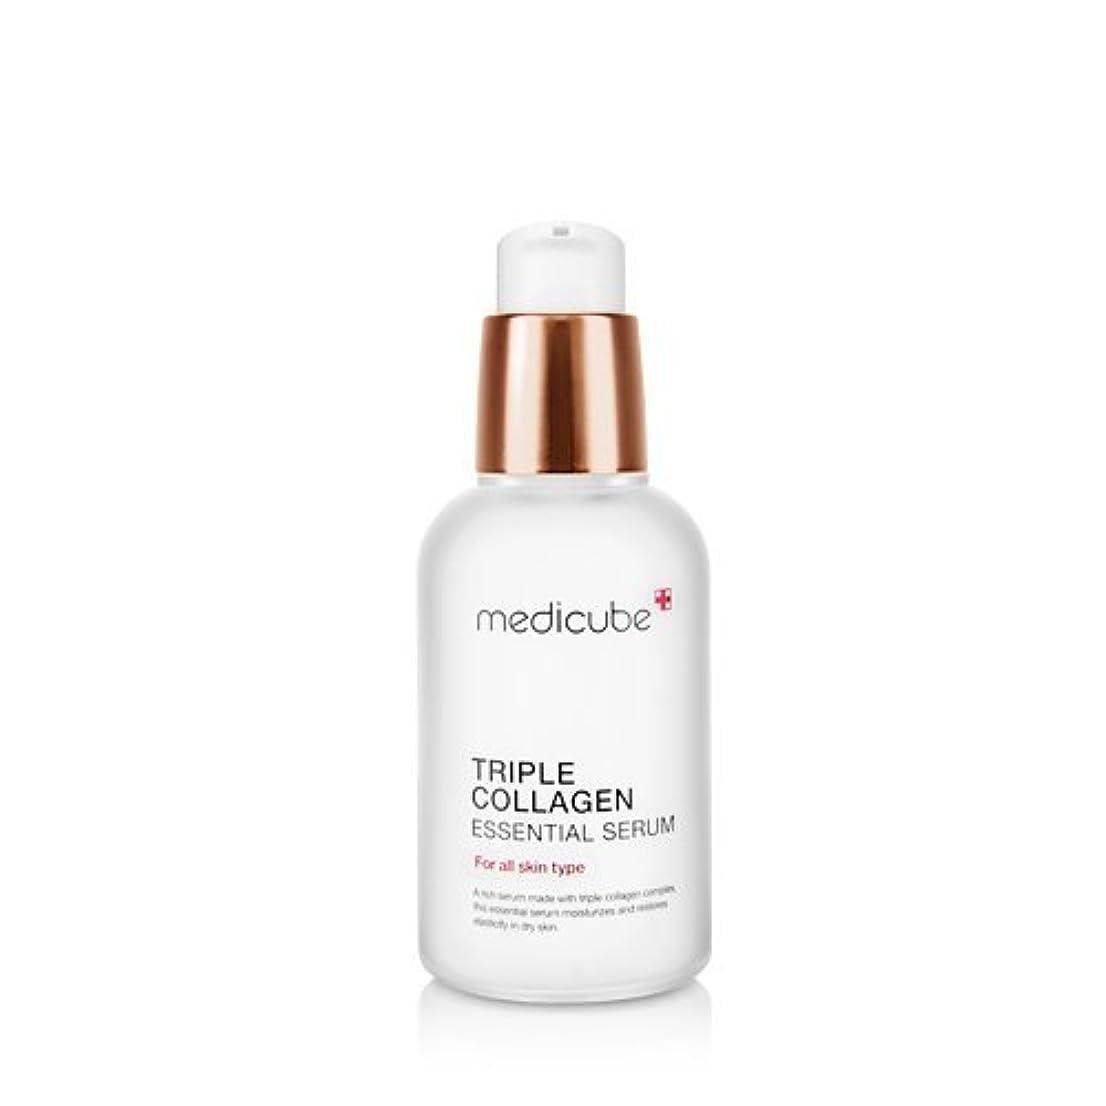 つかまえる旅行者同時medicube Triple Collagen Essential Serum 50ml/メディキューブ トリプル コラーゲン エッセンシャル セラム 50ml [並行輸入品]